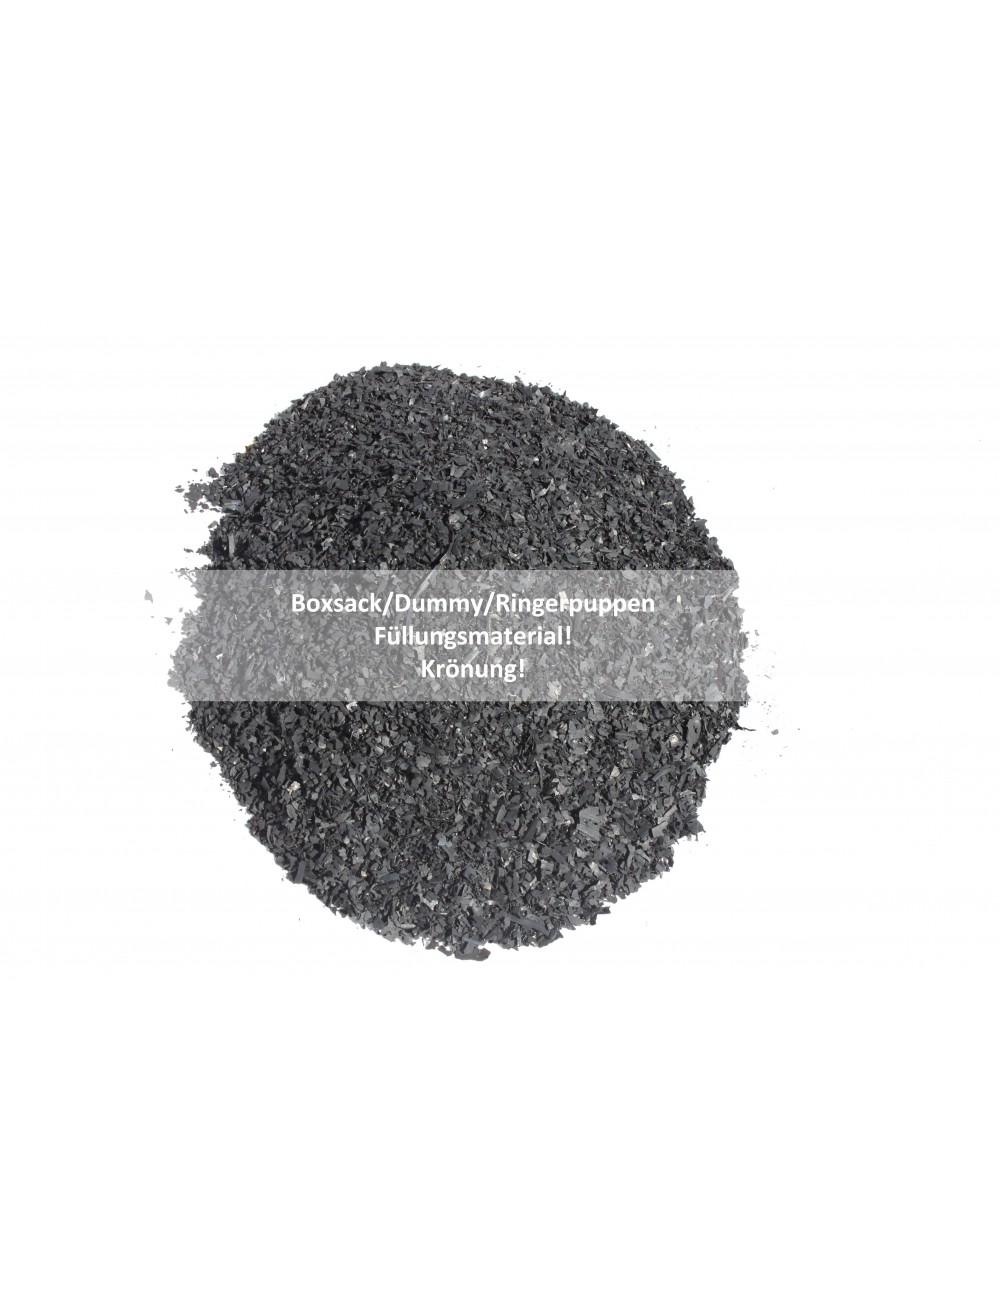 Boxsackfüllung Gummigranulat | 25kg Schwarz – Füllungsmaterial Made IN Germany | Dummy-Füllung – Maisbirne-Füllung / Fein - 2